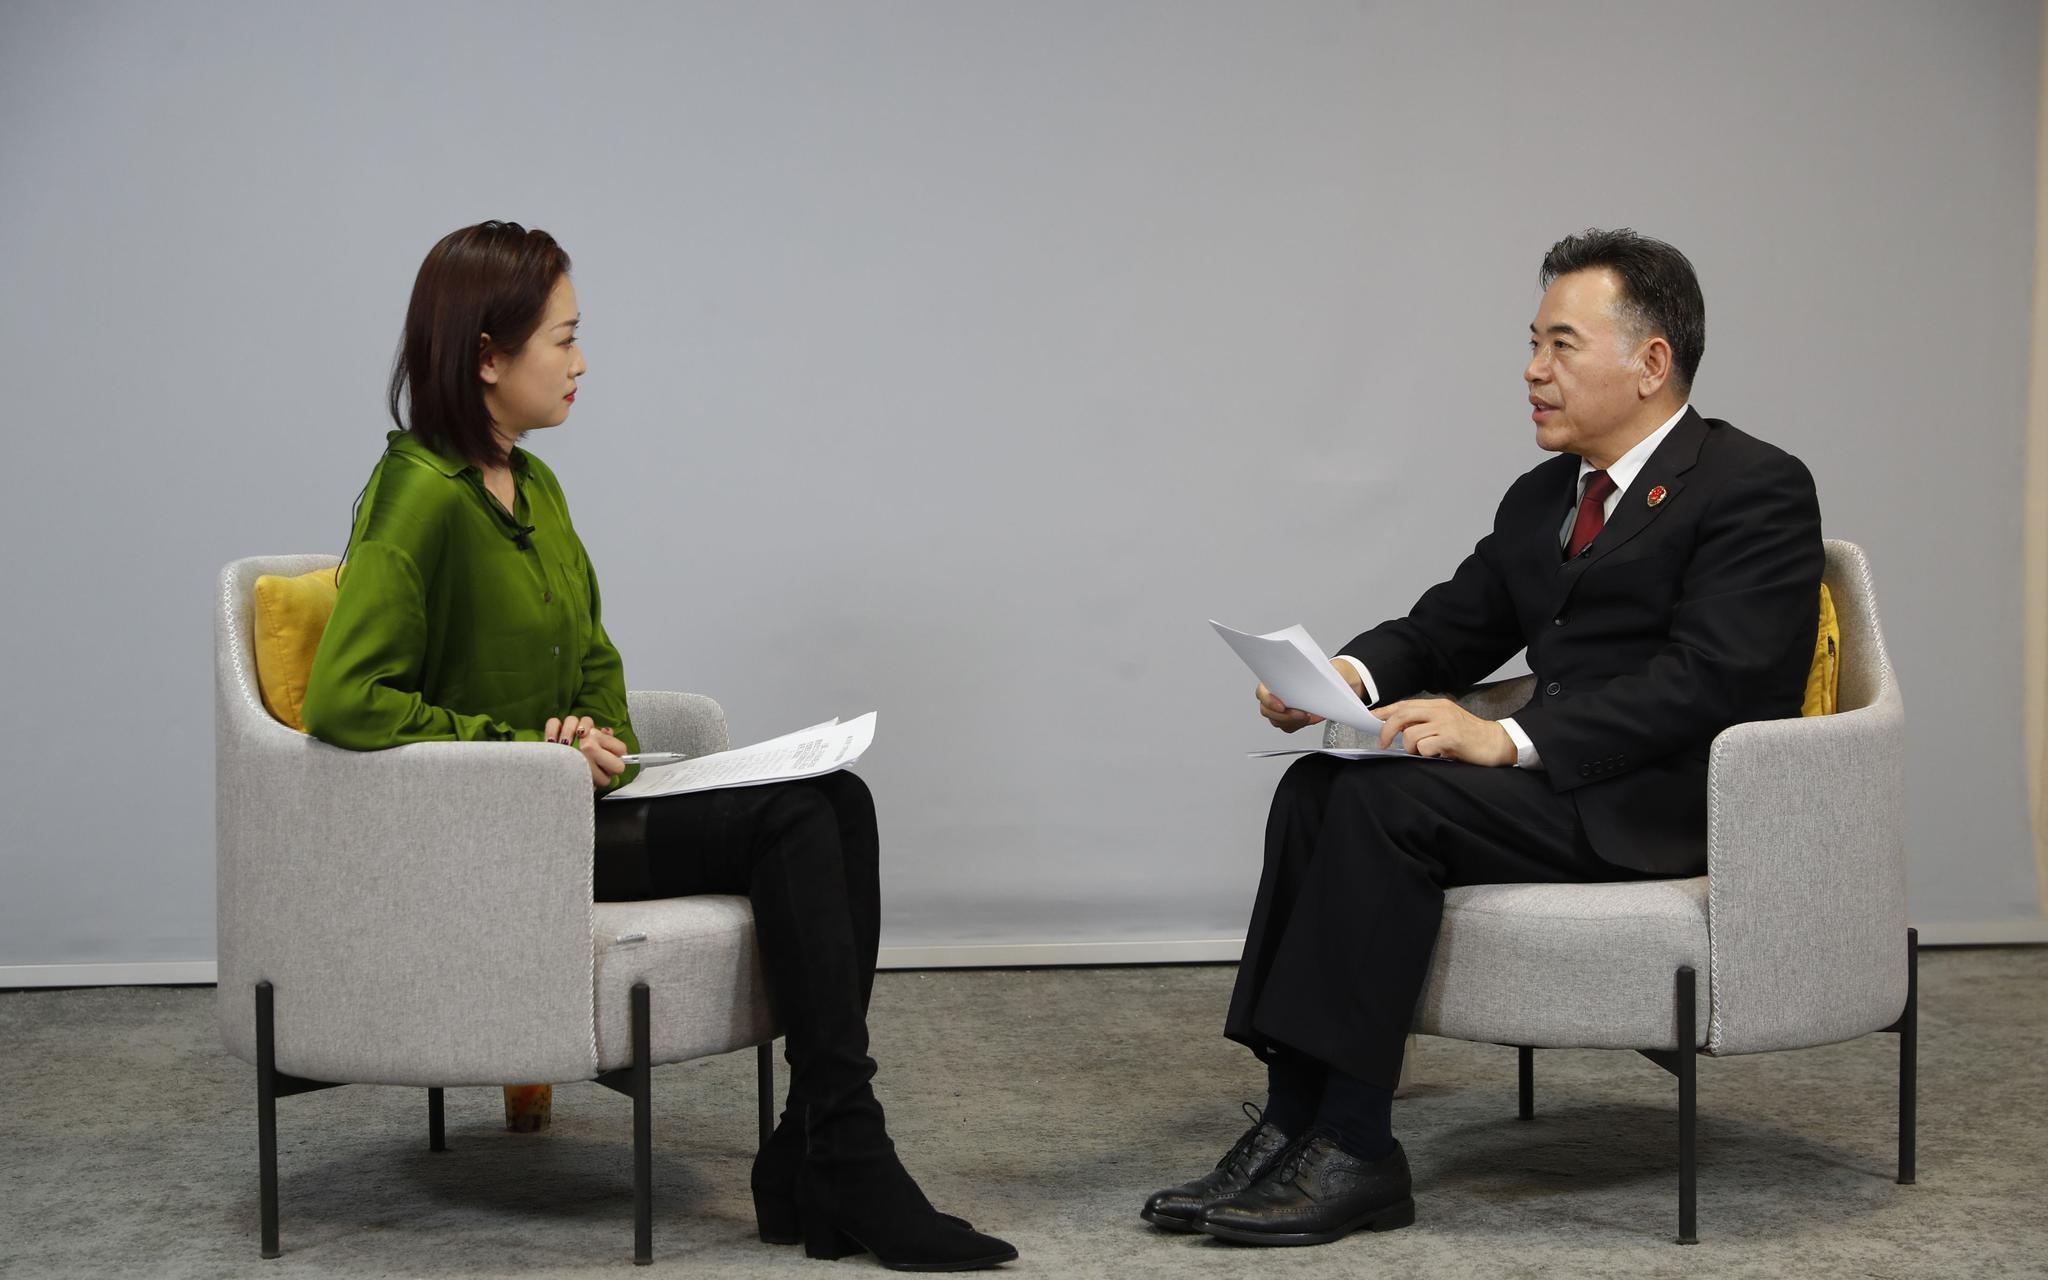 北京市检察院副检察长张家贞:认罪认罚从宽制度有助破解司法难题